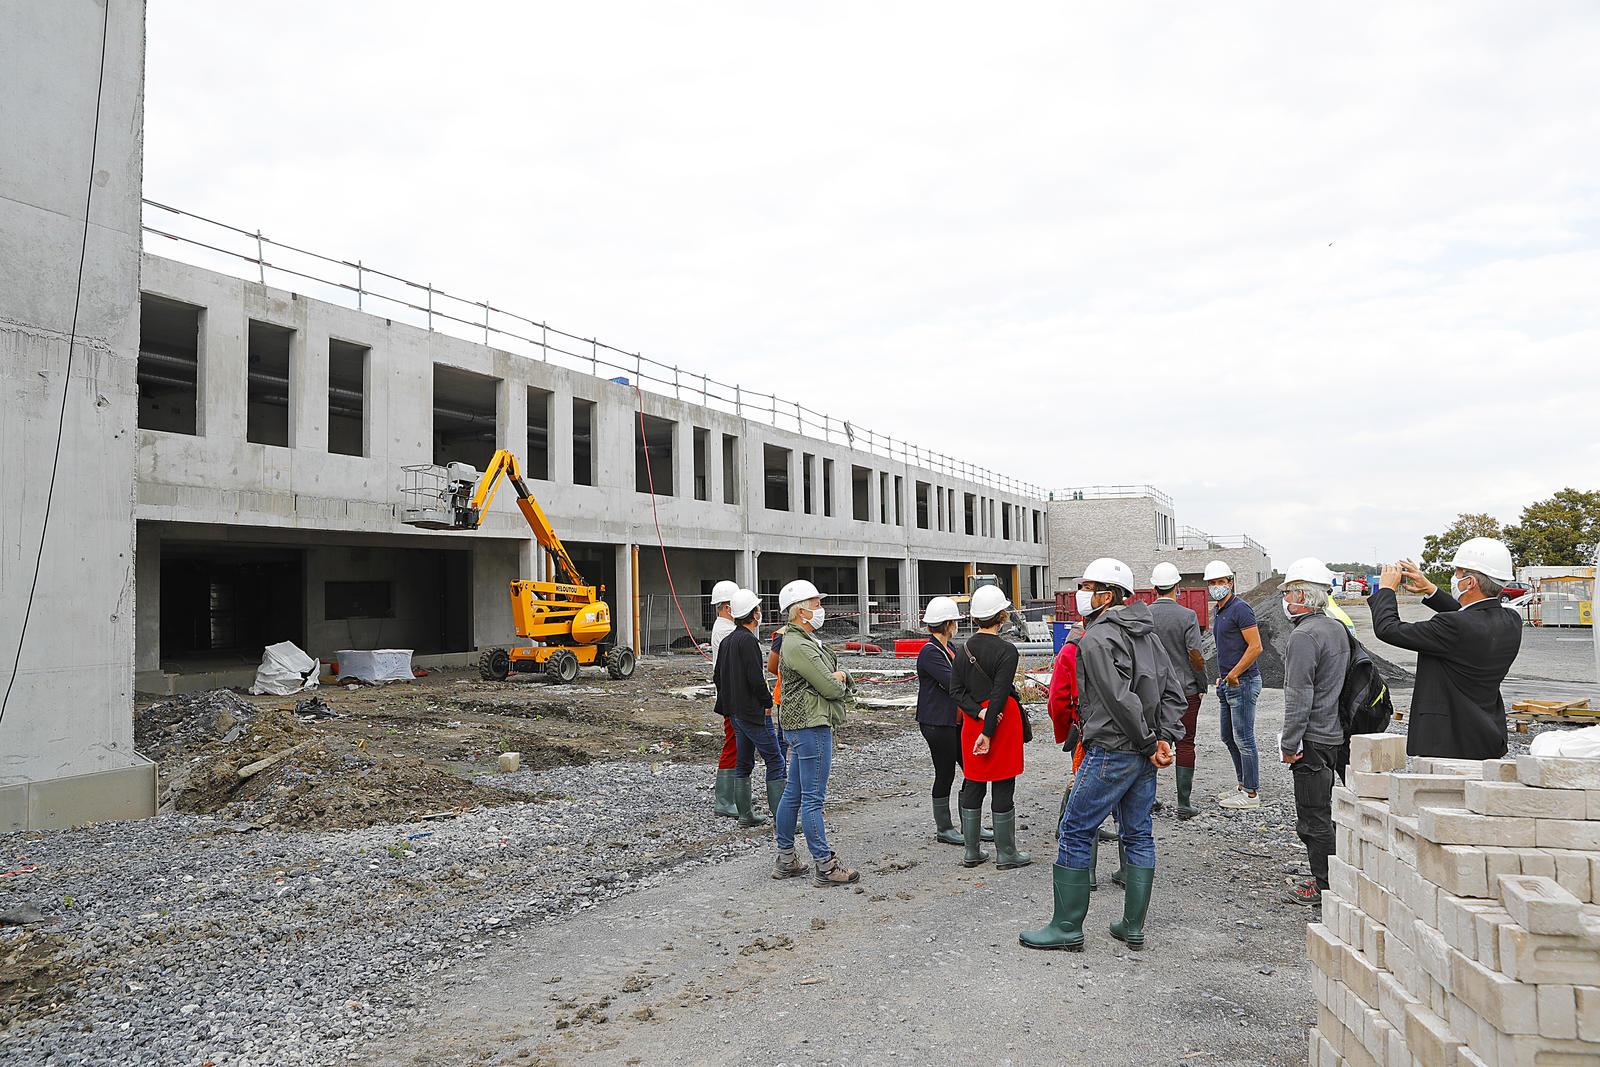 Un groupe de personnes devant un bâtiment en chantier